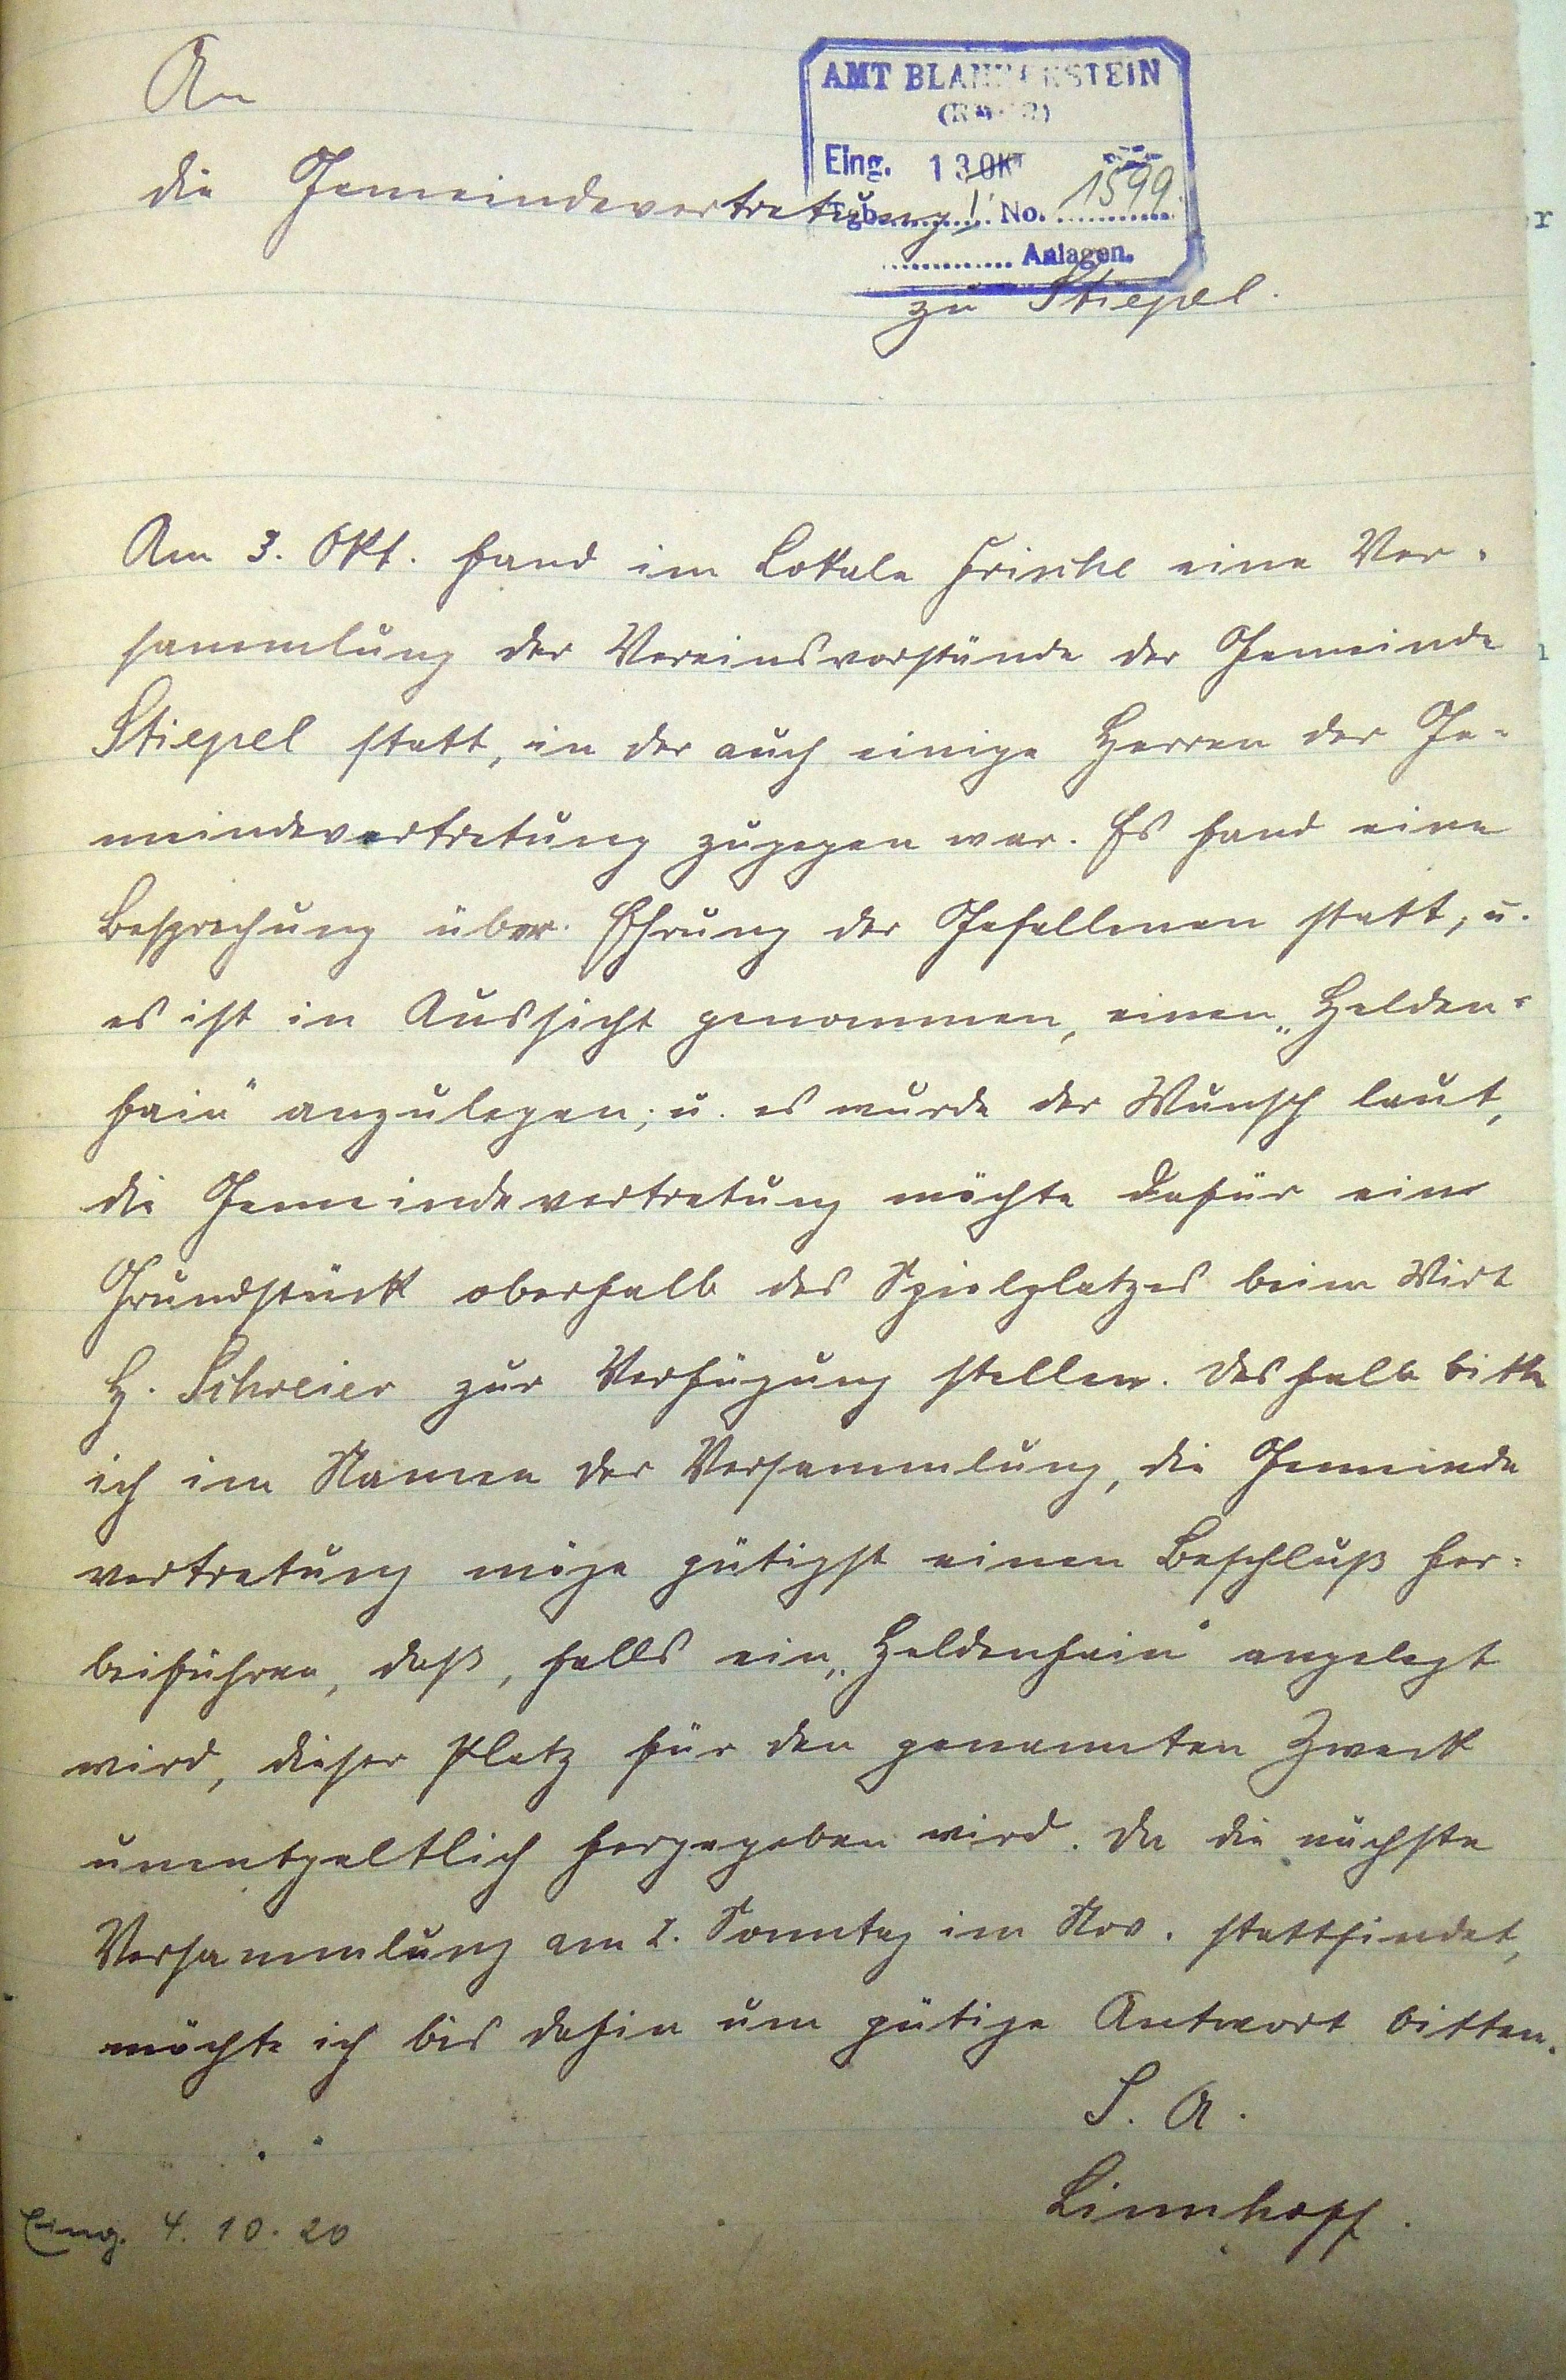 Schreiben vom 4.10.1920